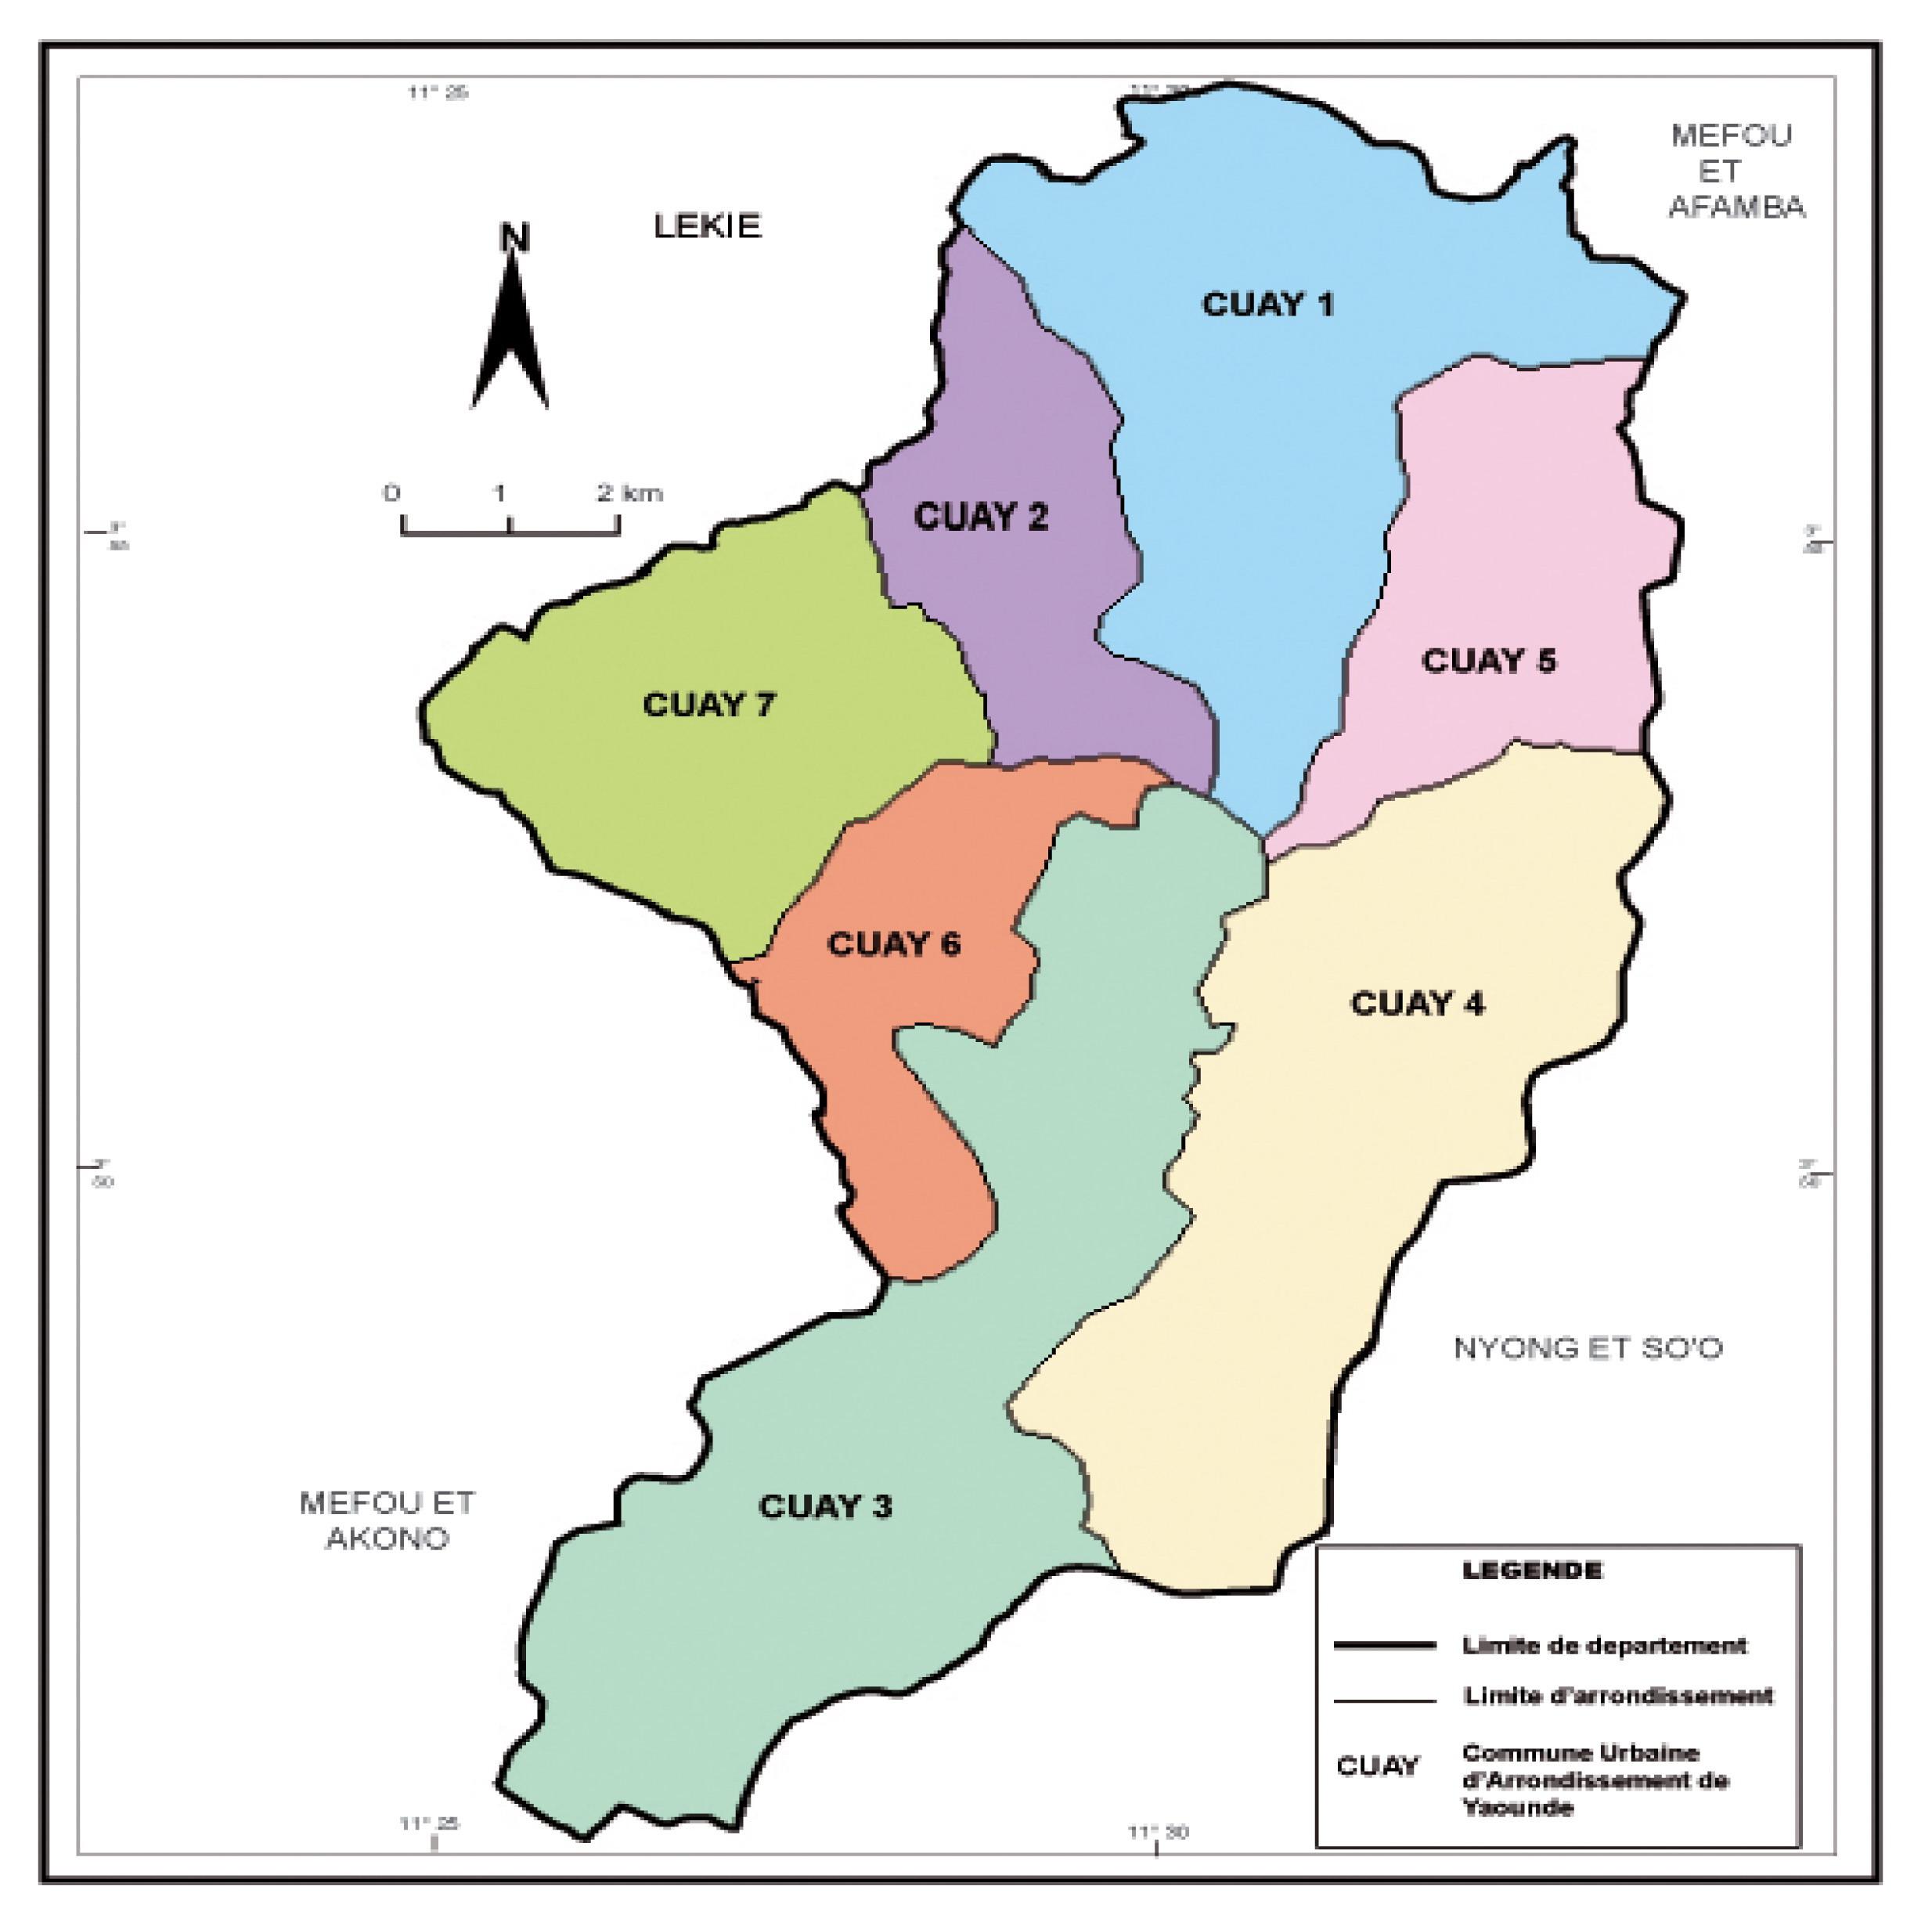 Map_Yaounde.jpg Yaounde Map